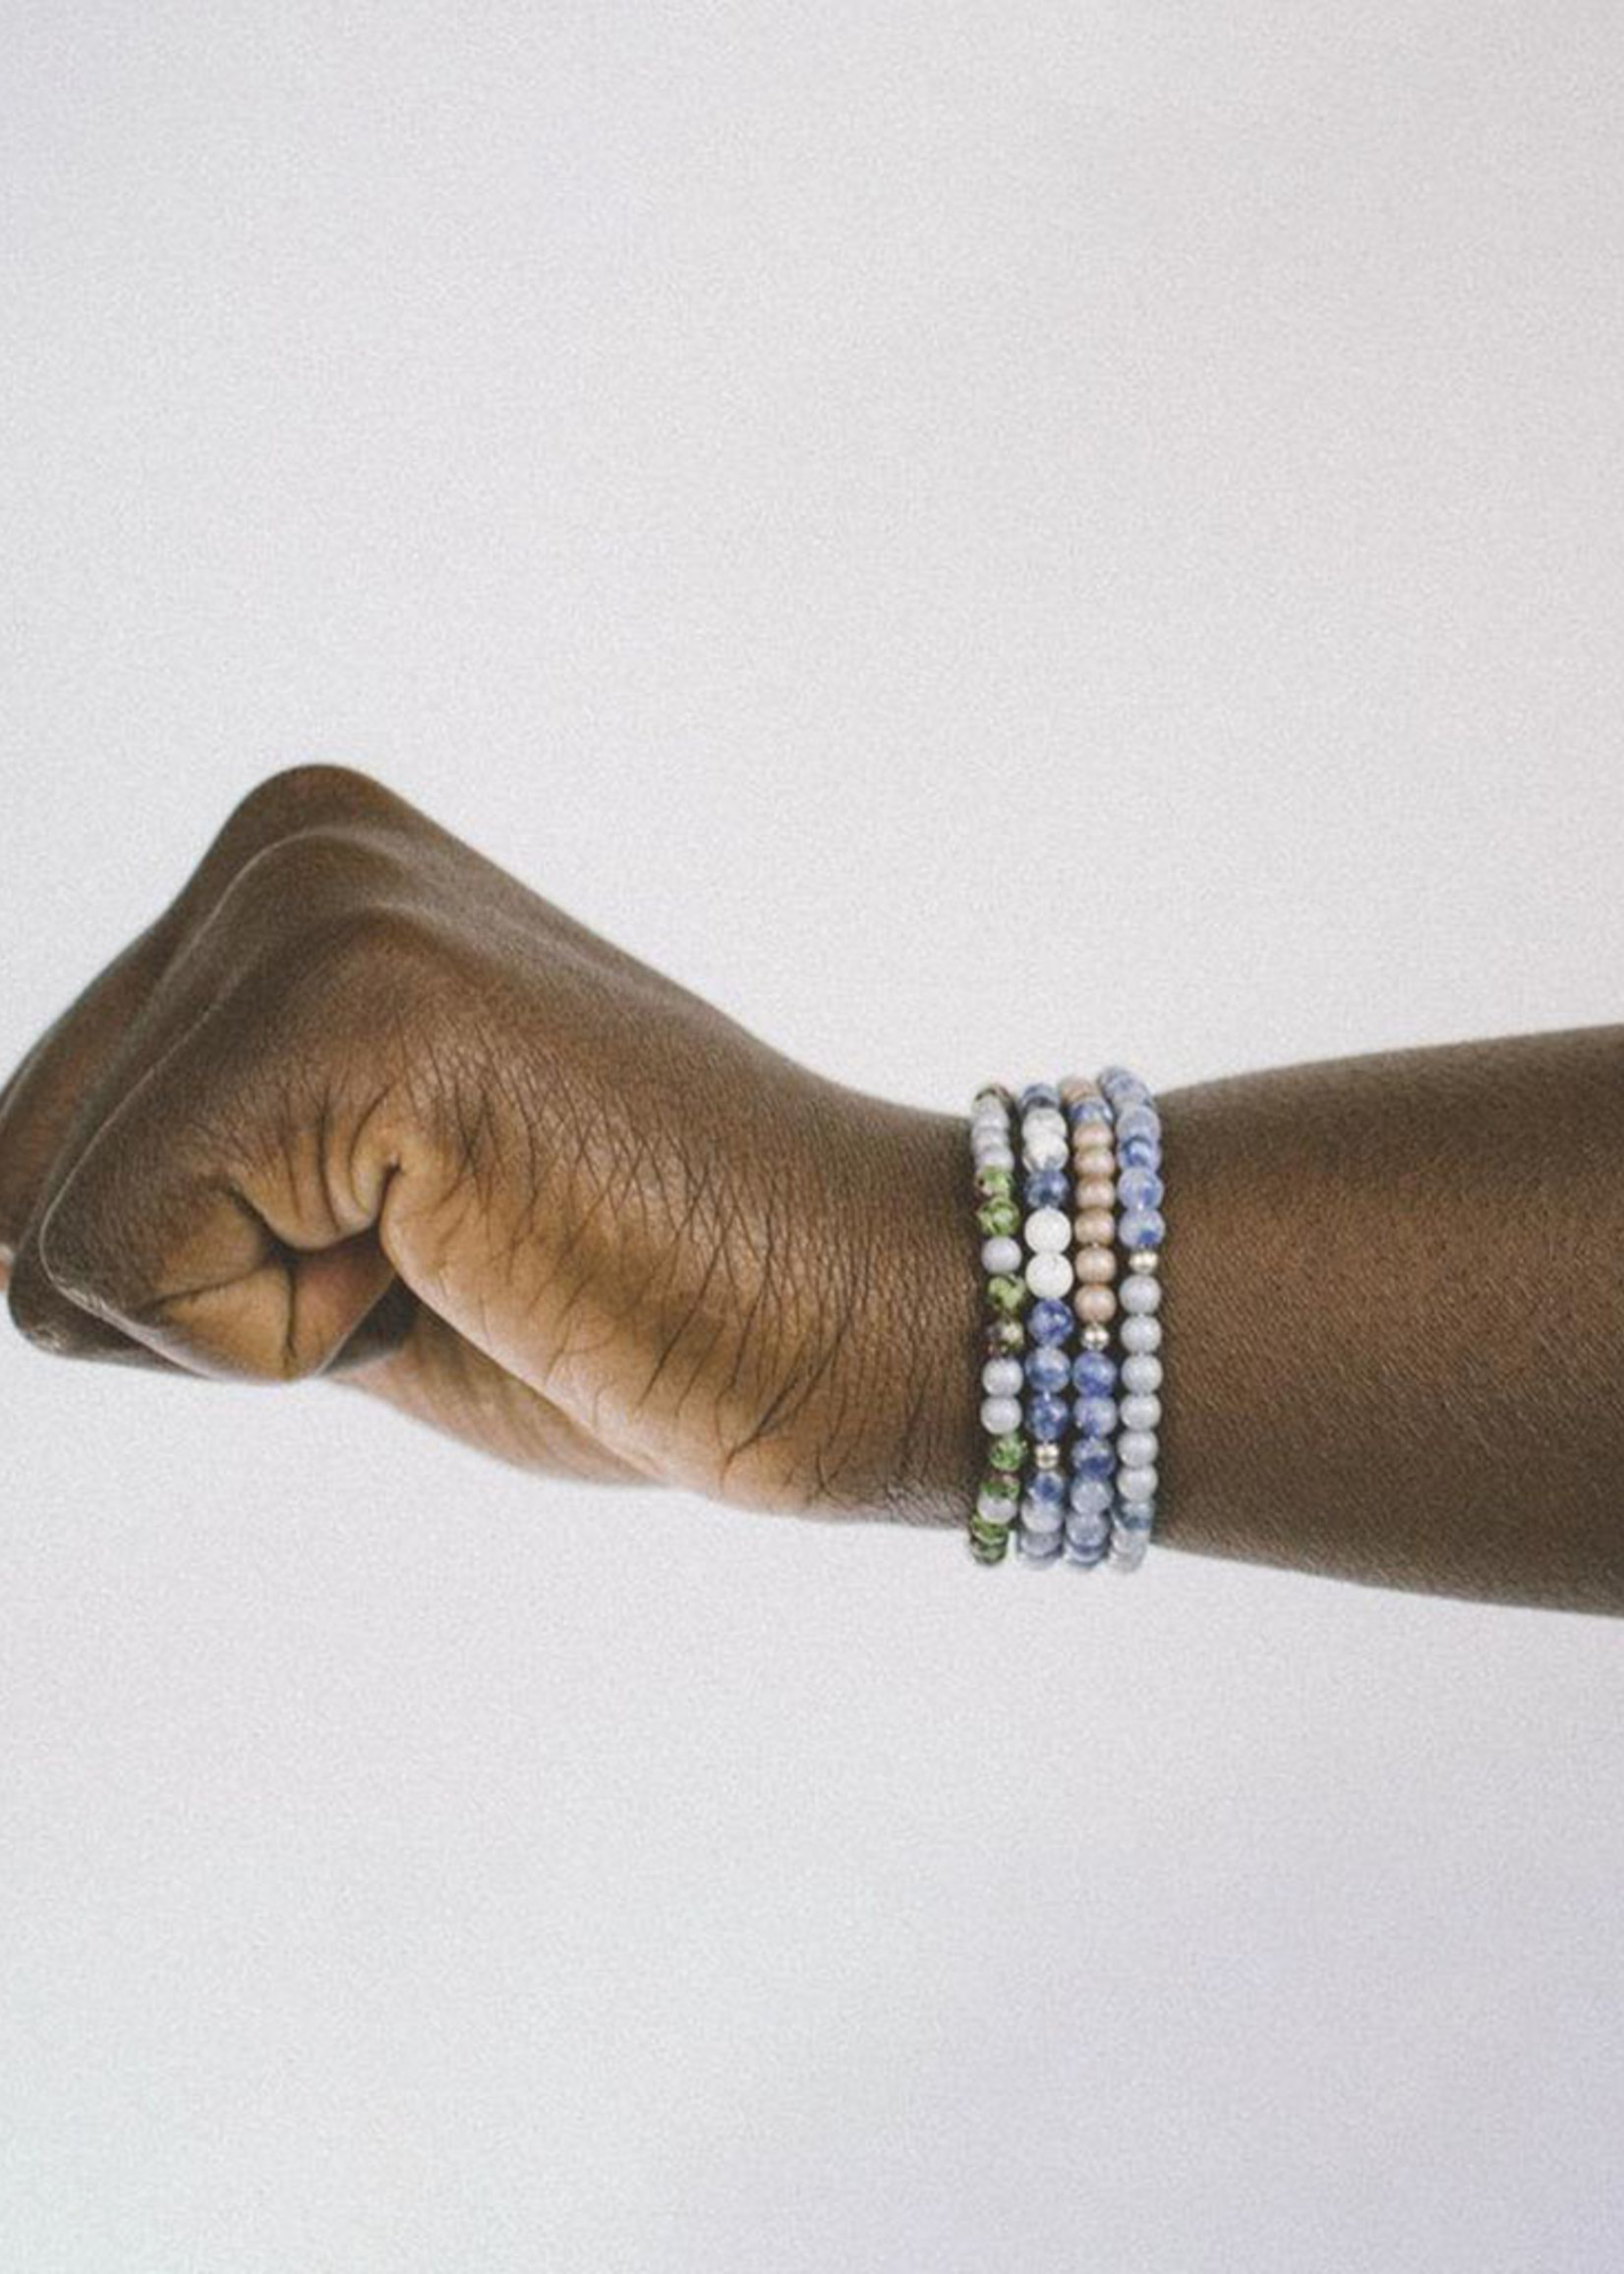 Morse Code STRENGTH Bracelet